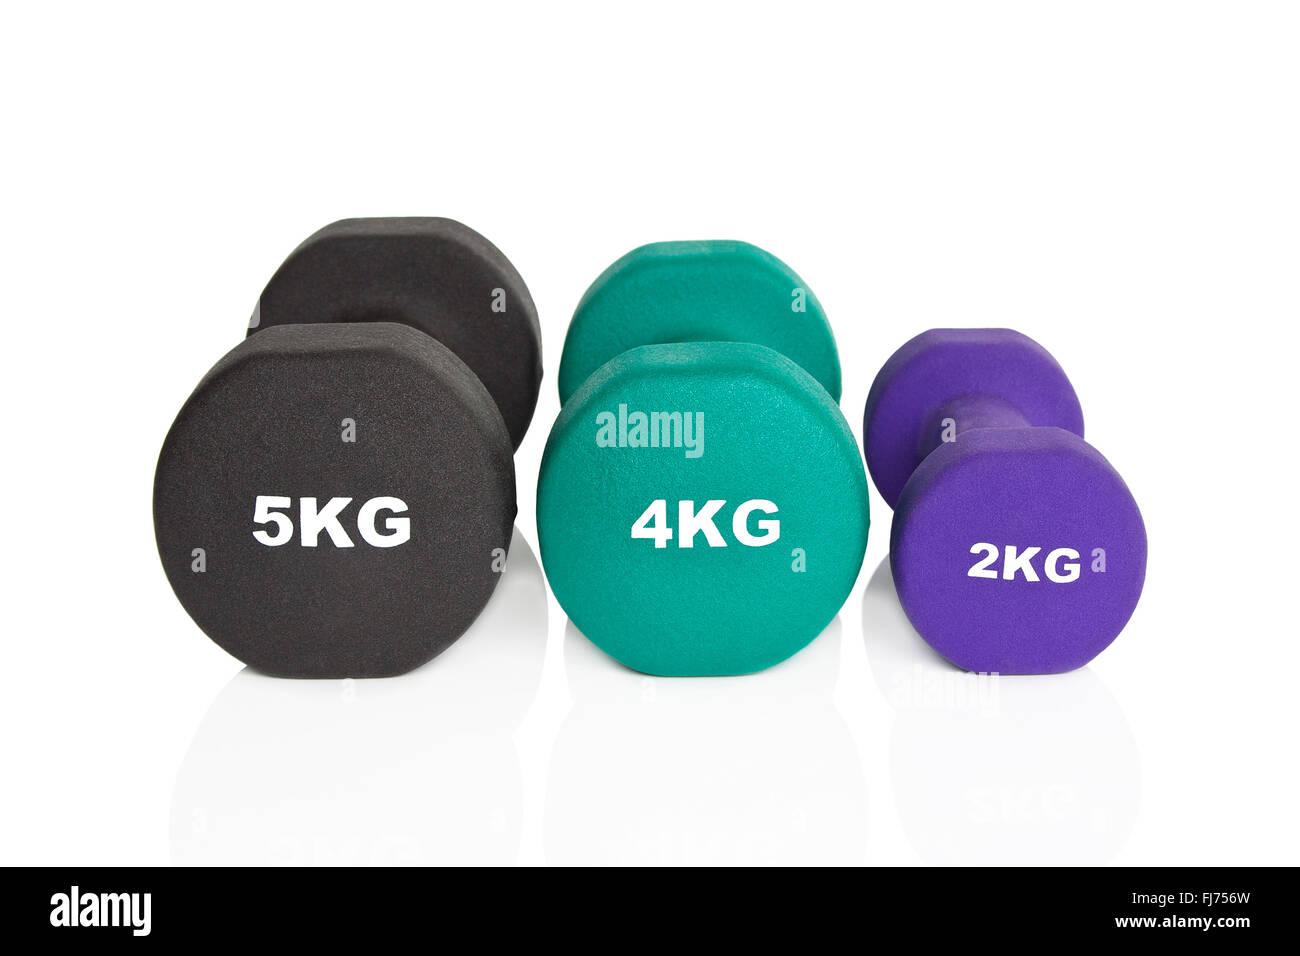 Nero, verde e viola manubri isolati su sfondo bianco. I pesi per un allenamento di fitness. Immagini Stock